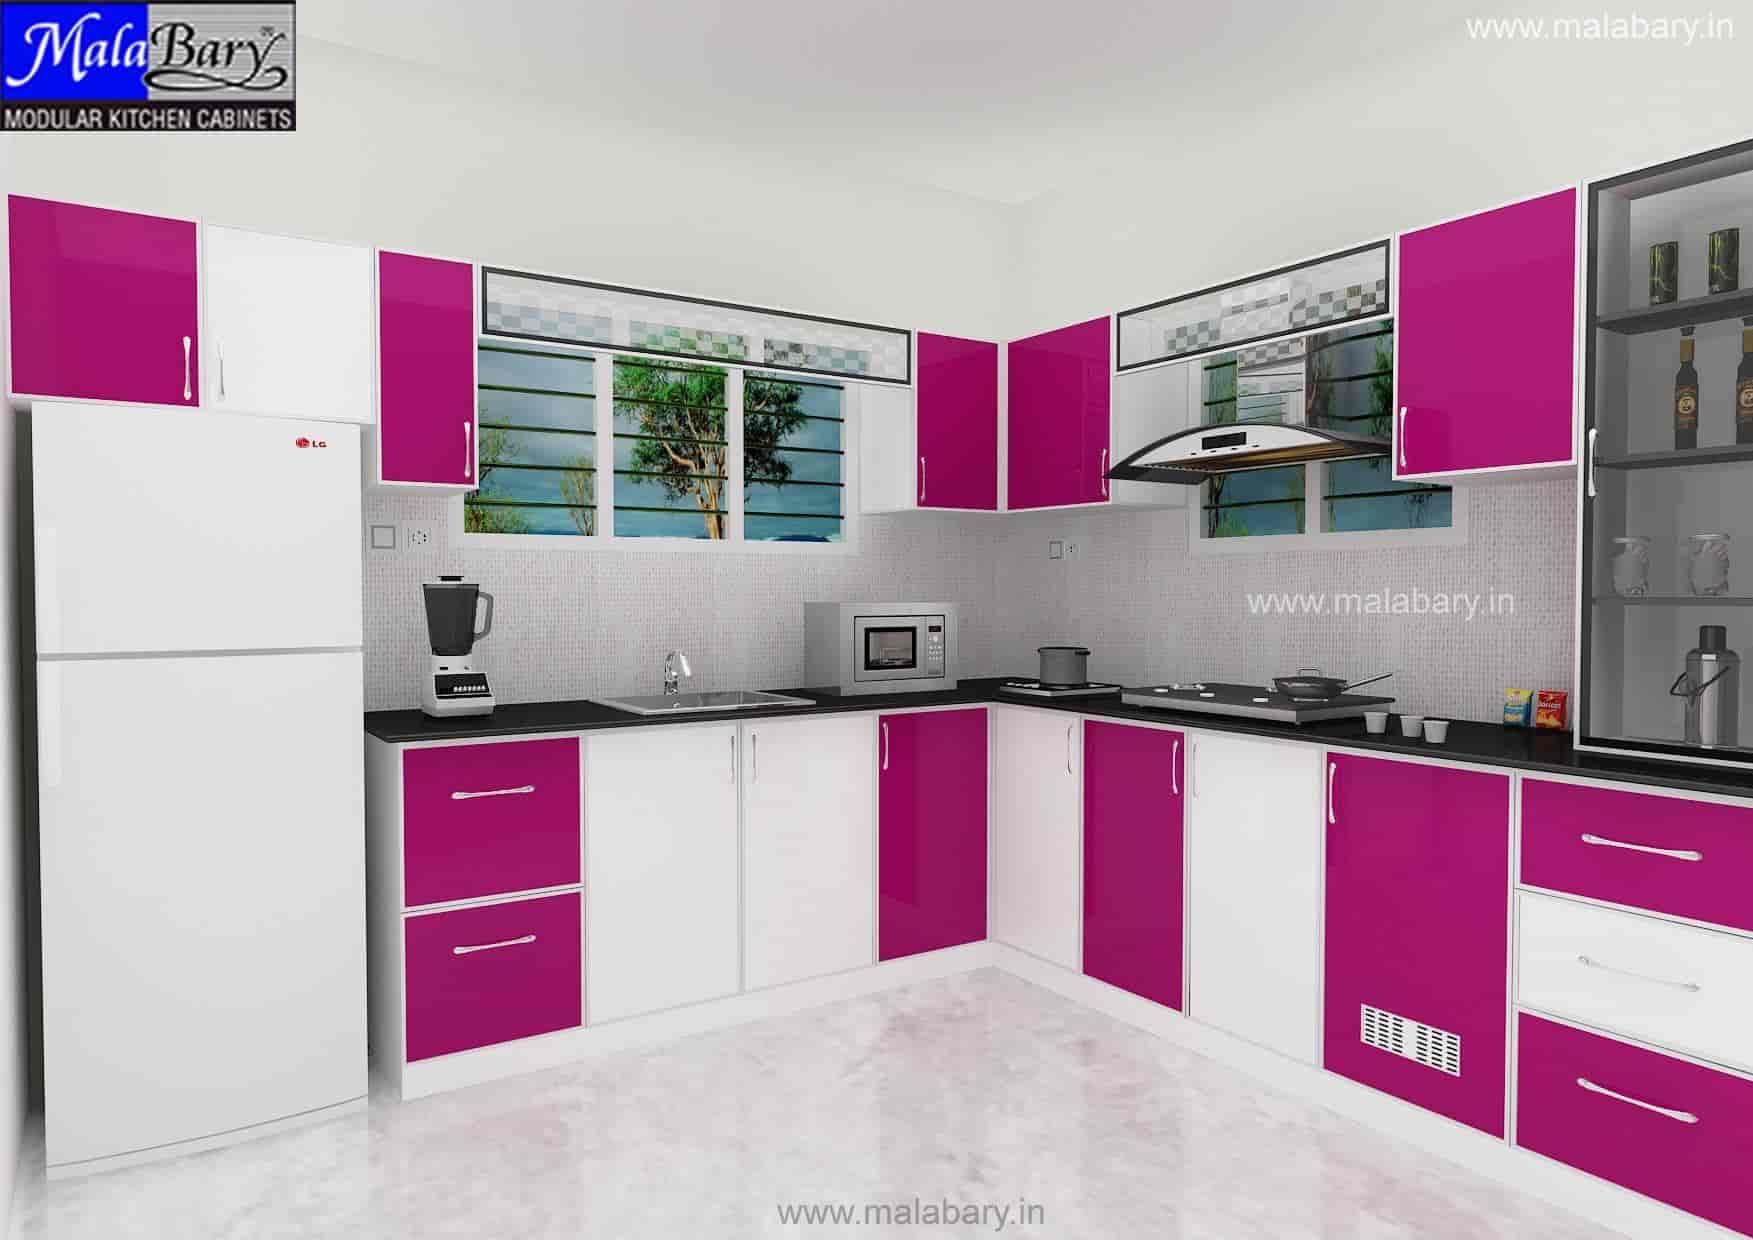 Malabary kitchen systems aluva modular kitchen dealers in malabary kitchen systems aluva modular kitchen dealers in ernakulam justdial solutioingenieria Gallery